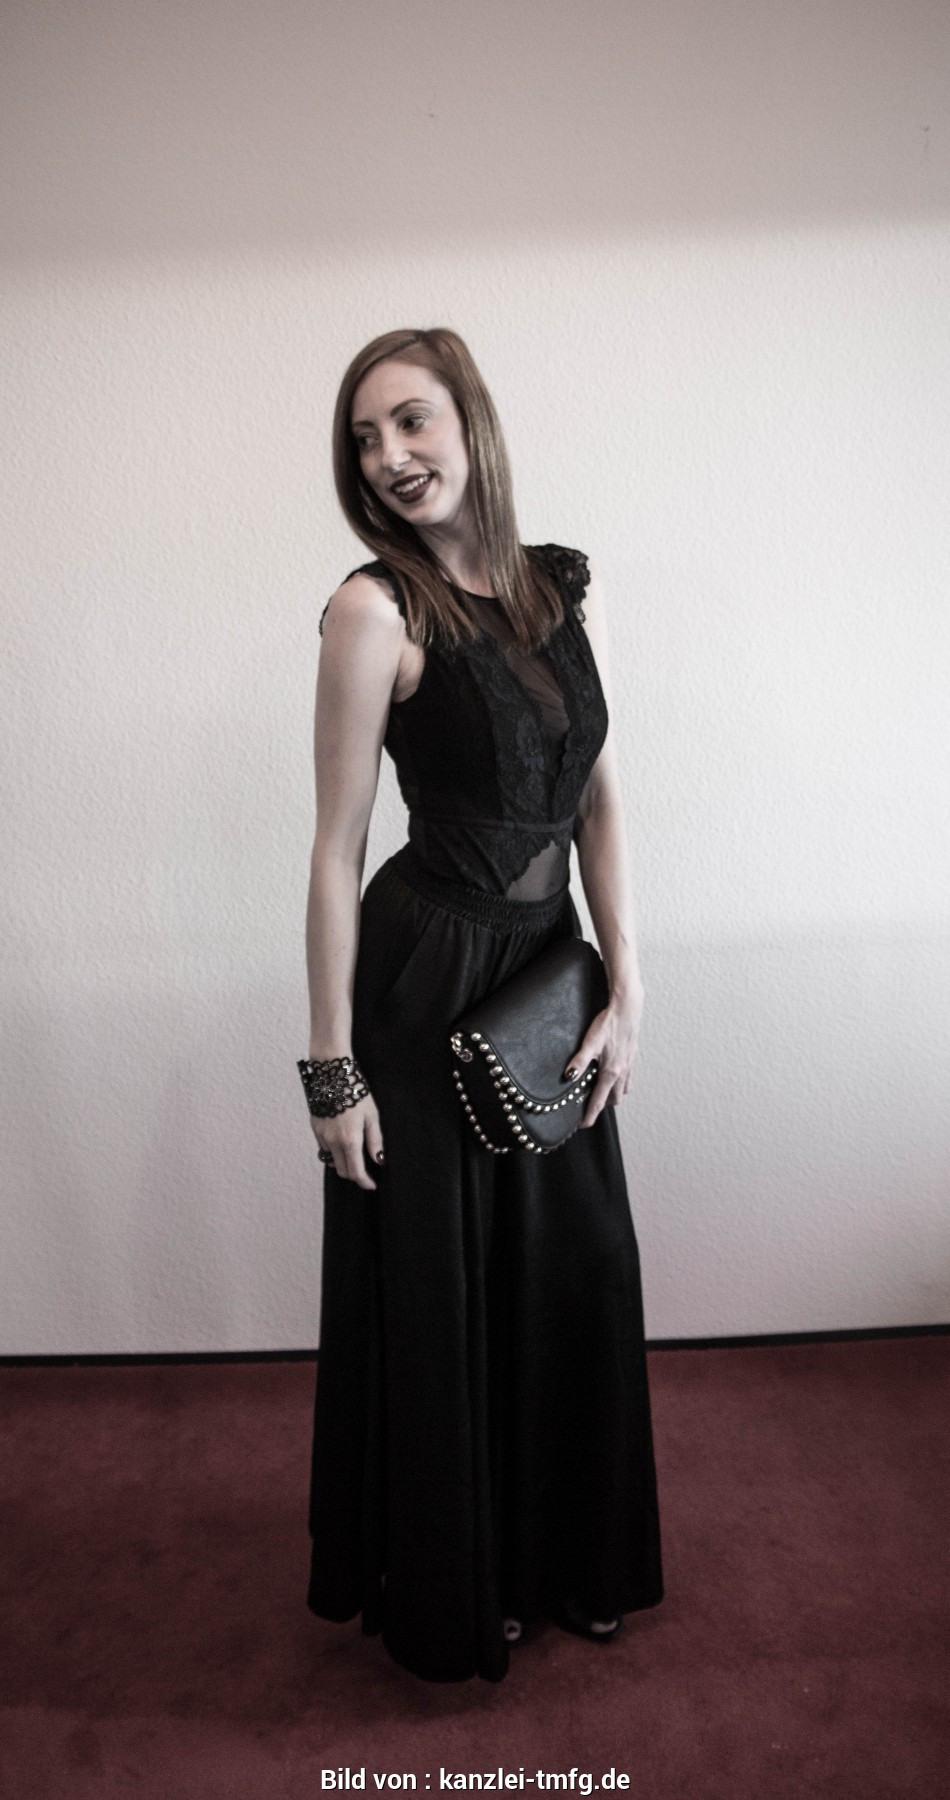 20 Einfach Shopping Queen Abendkleid Galerie13 Luxus Shopping Queen Abendkleid Stylish